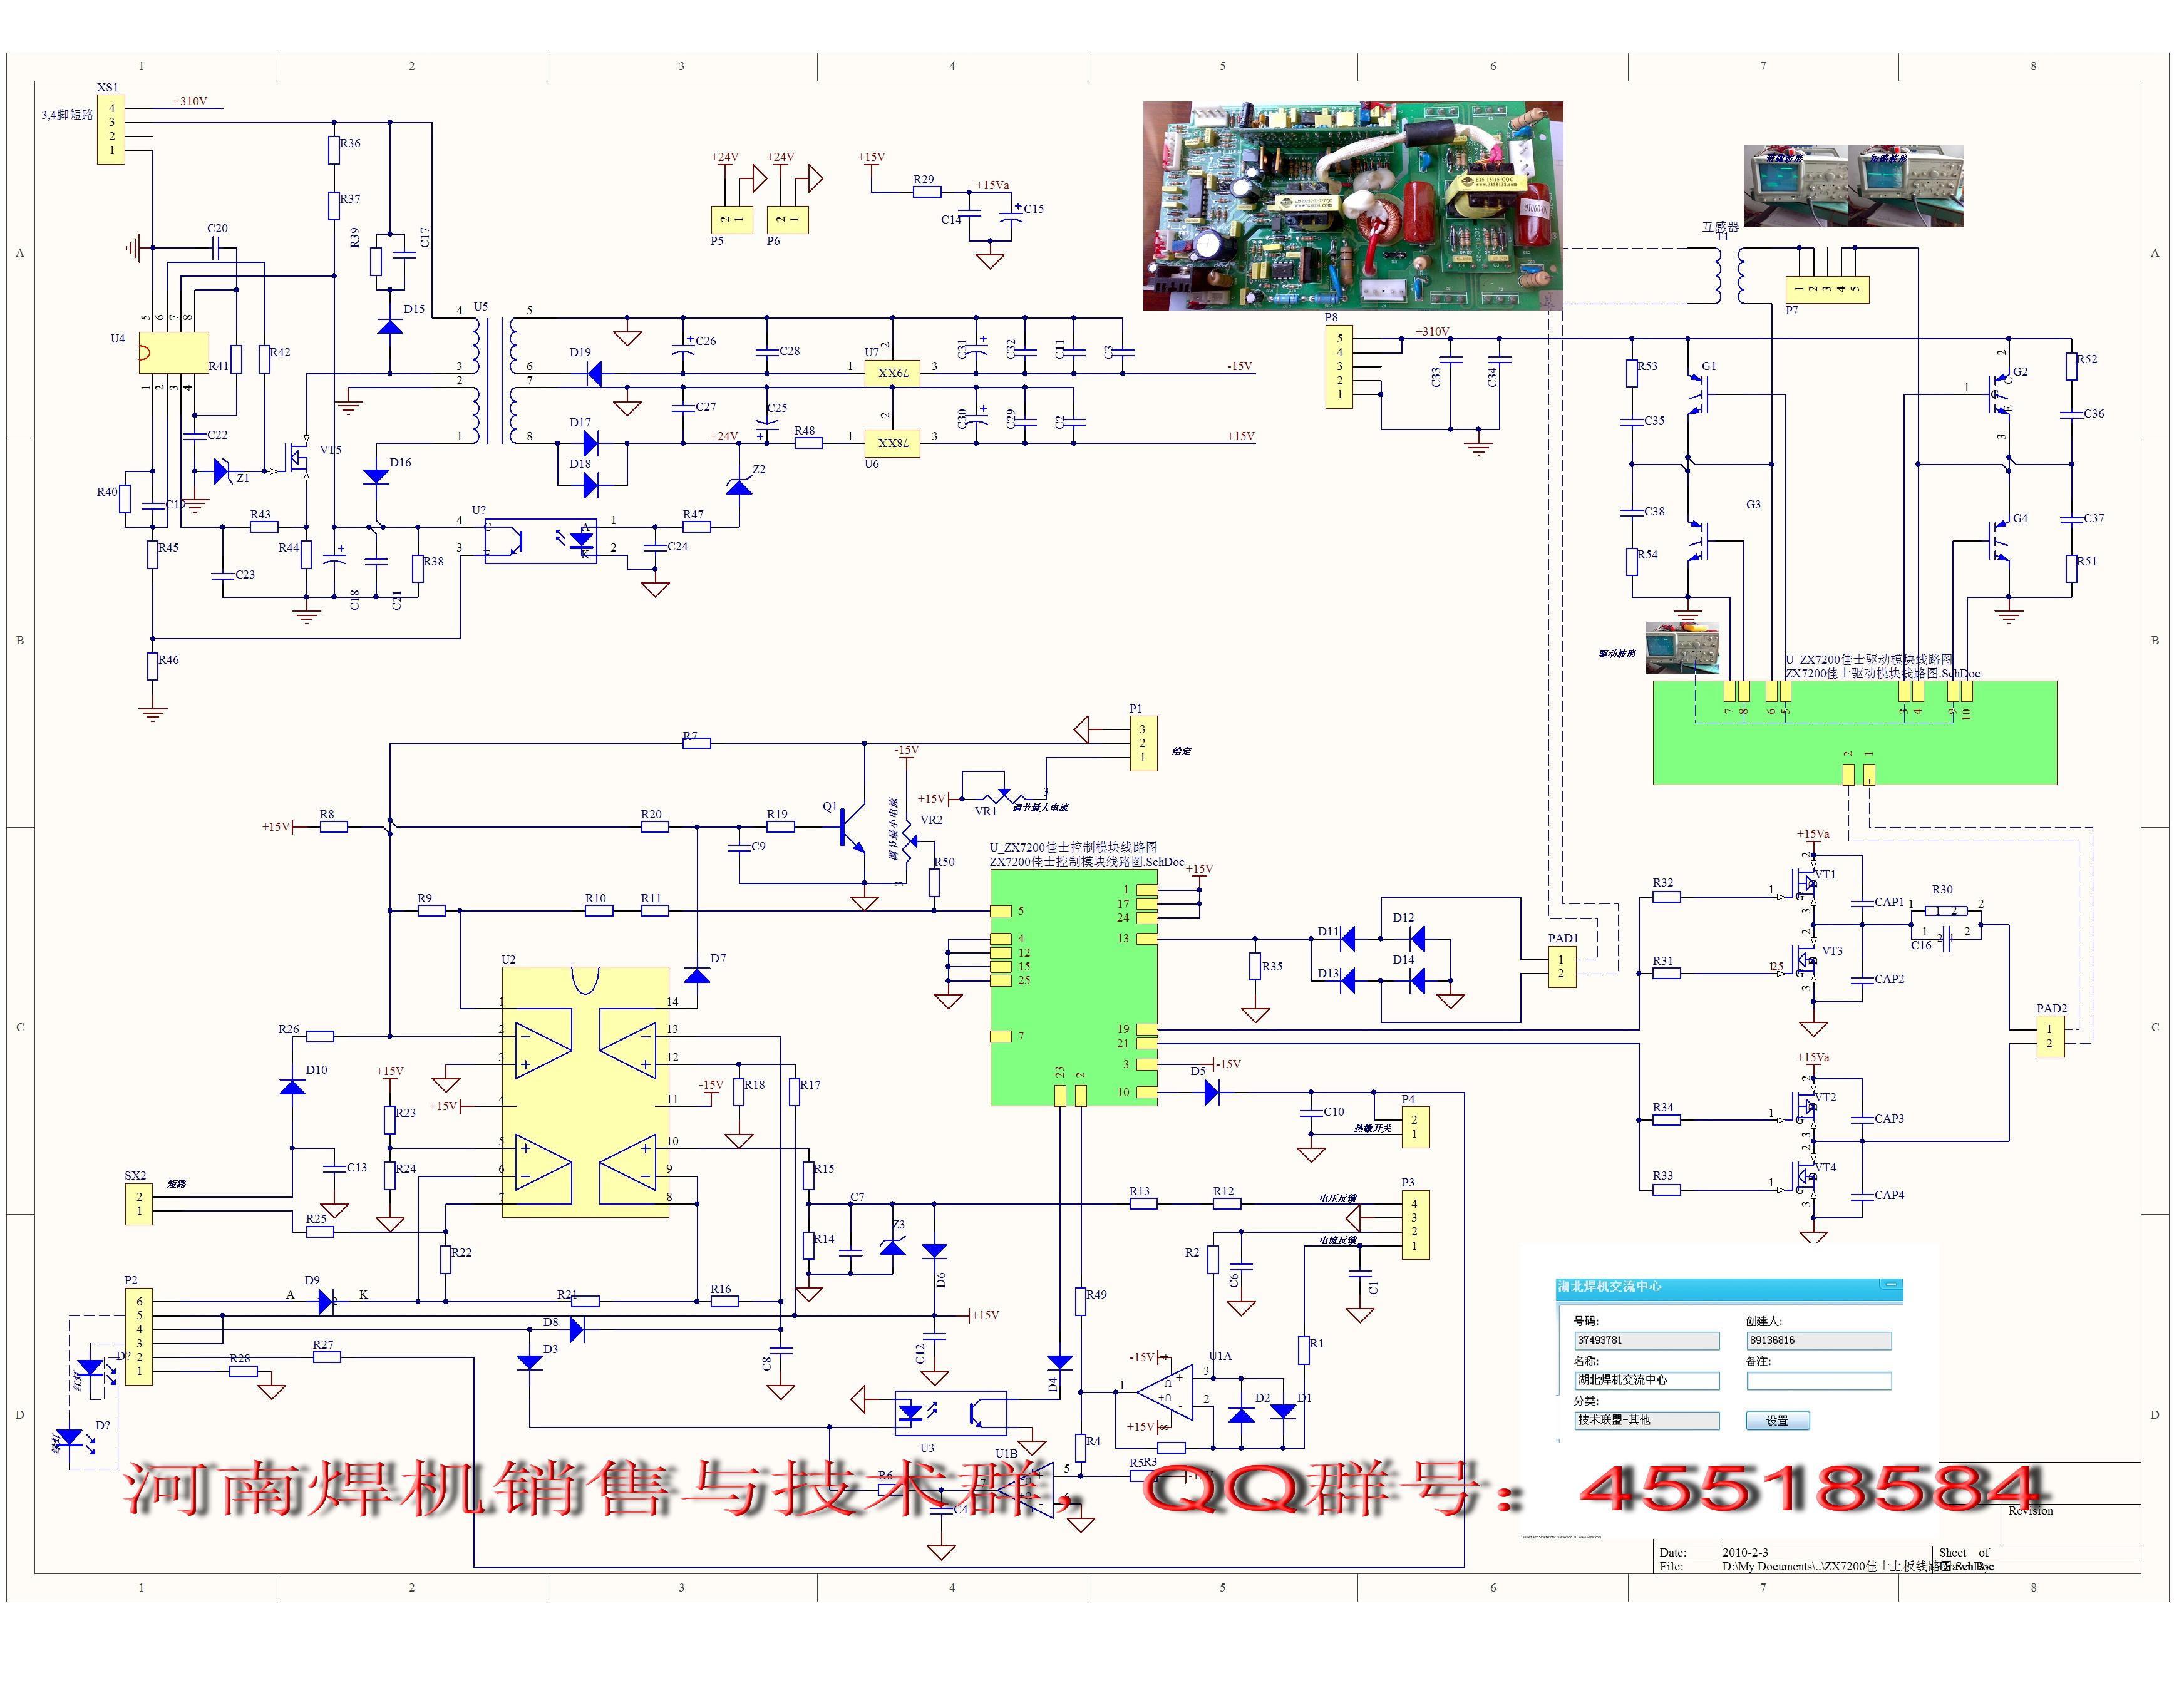 变压器_互动百科 - baike.com, 变压器-变压器(transformer)是利用电磁感应的原理来改变交流电压的装置,主要构件是初级线圈、次级线圈和铁芯(磁芯)。主要功能有:电压变换、电流变换、阻抗变换、隔离、稳压(磁饱和变压器)等。按用途可以-bianyaqi. 热门标签_学兔兔_cad图纸3d模型及资料下载网站, 欢迎访问学兔兔, 学习、交流与分享 !